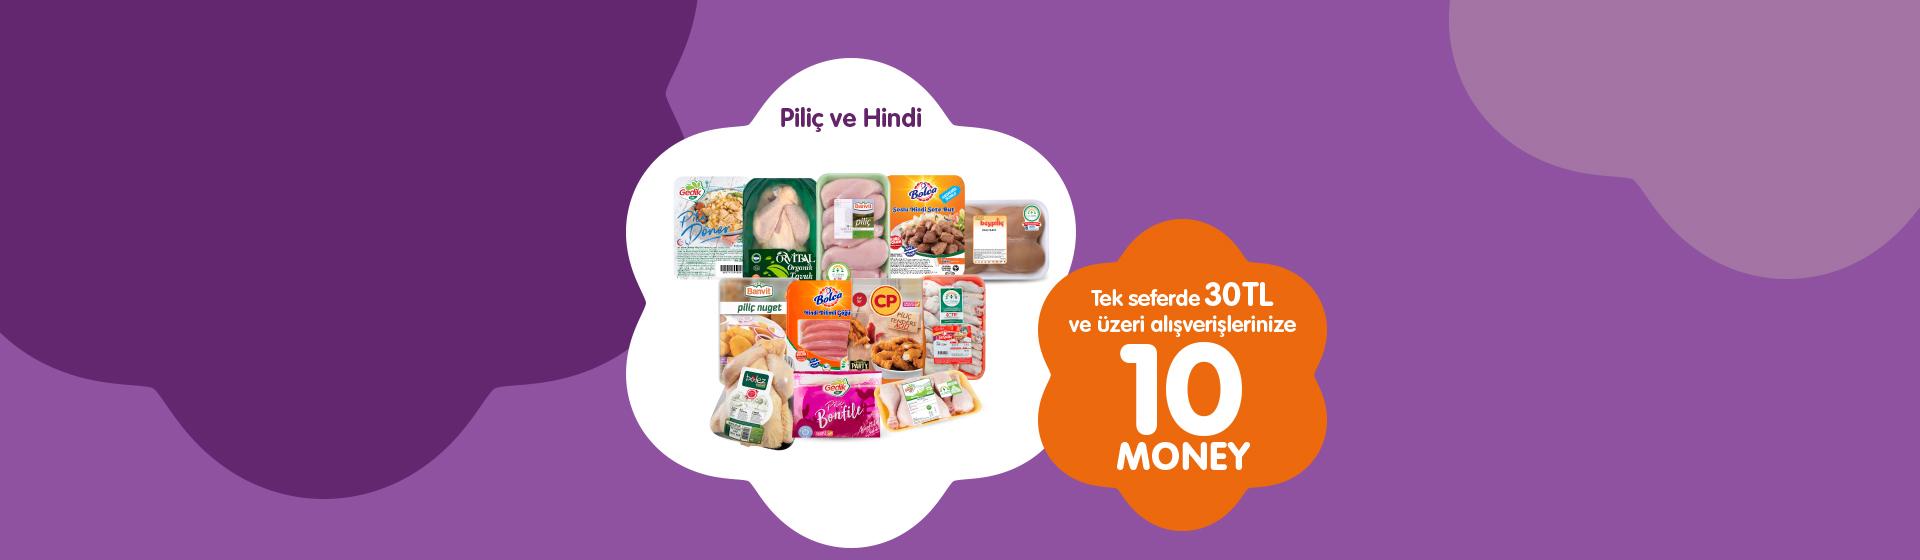 Piliç ve Hindi Money Kampanyası